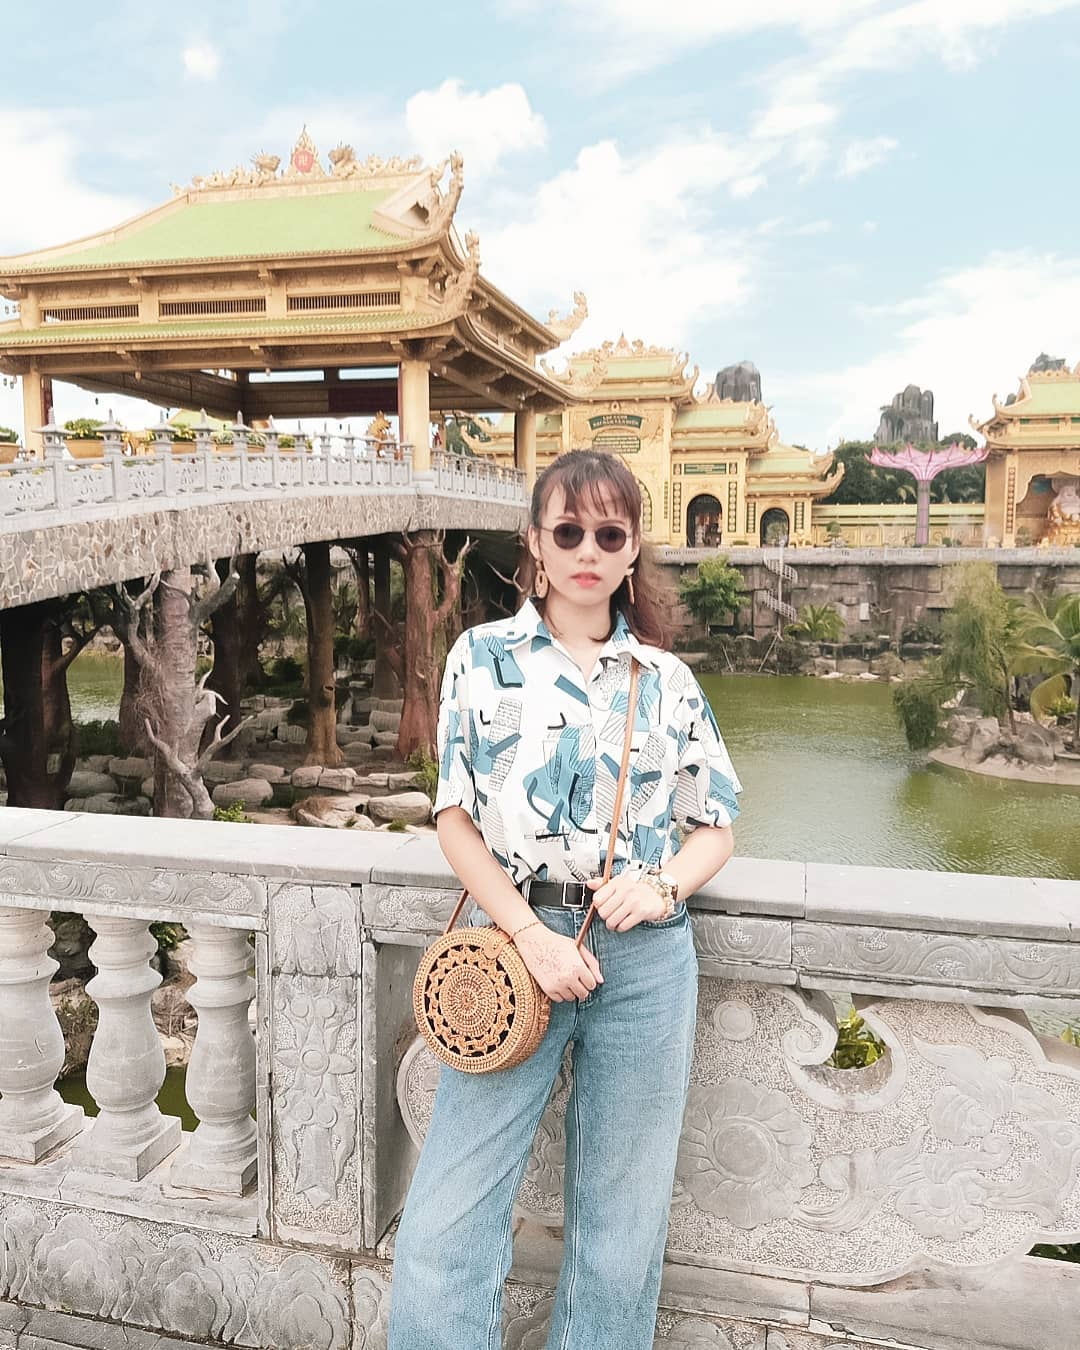 7 khu du lịch khét tiếng nhất Việt Nam: Đại Nam của bà Phương Hằng nắm giữ nhiều kỷ lục khủng, những chỗ còn lại cũng không kém cạnh - Ảnh 2.